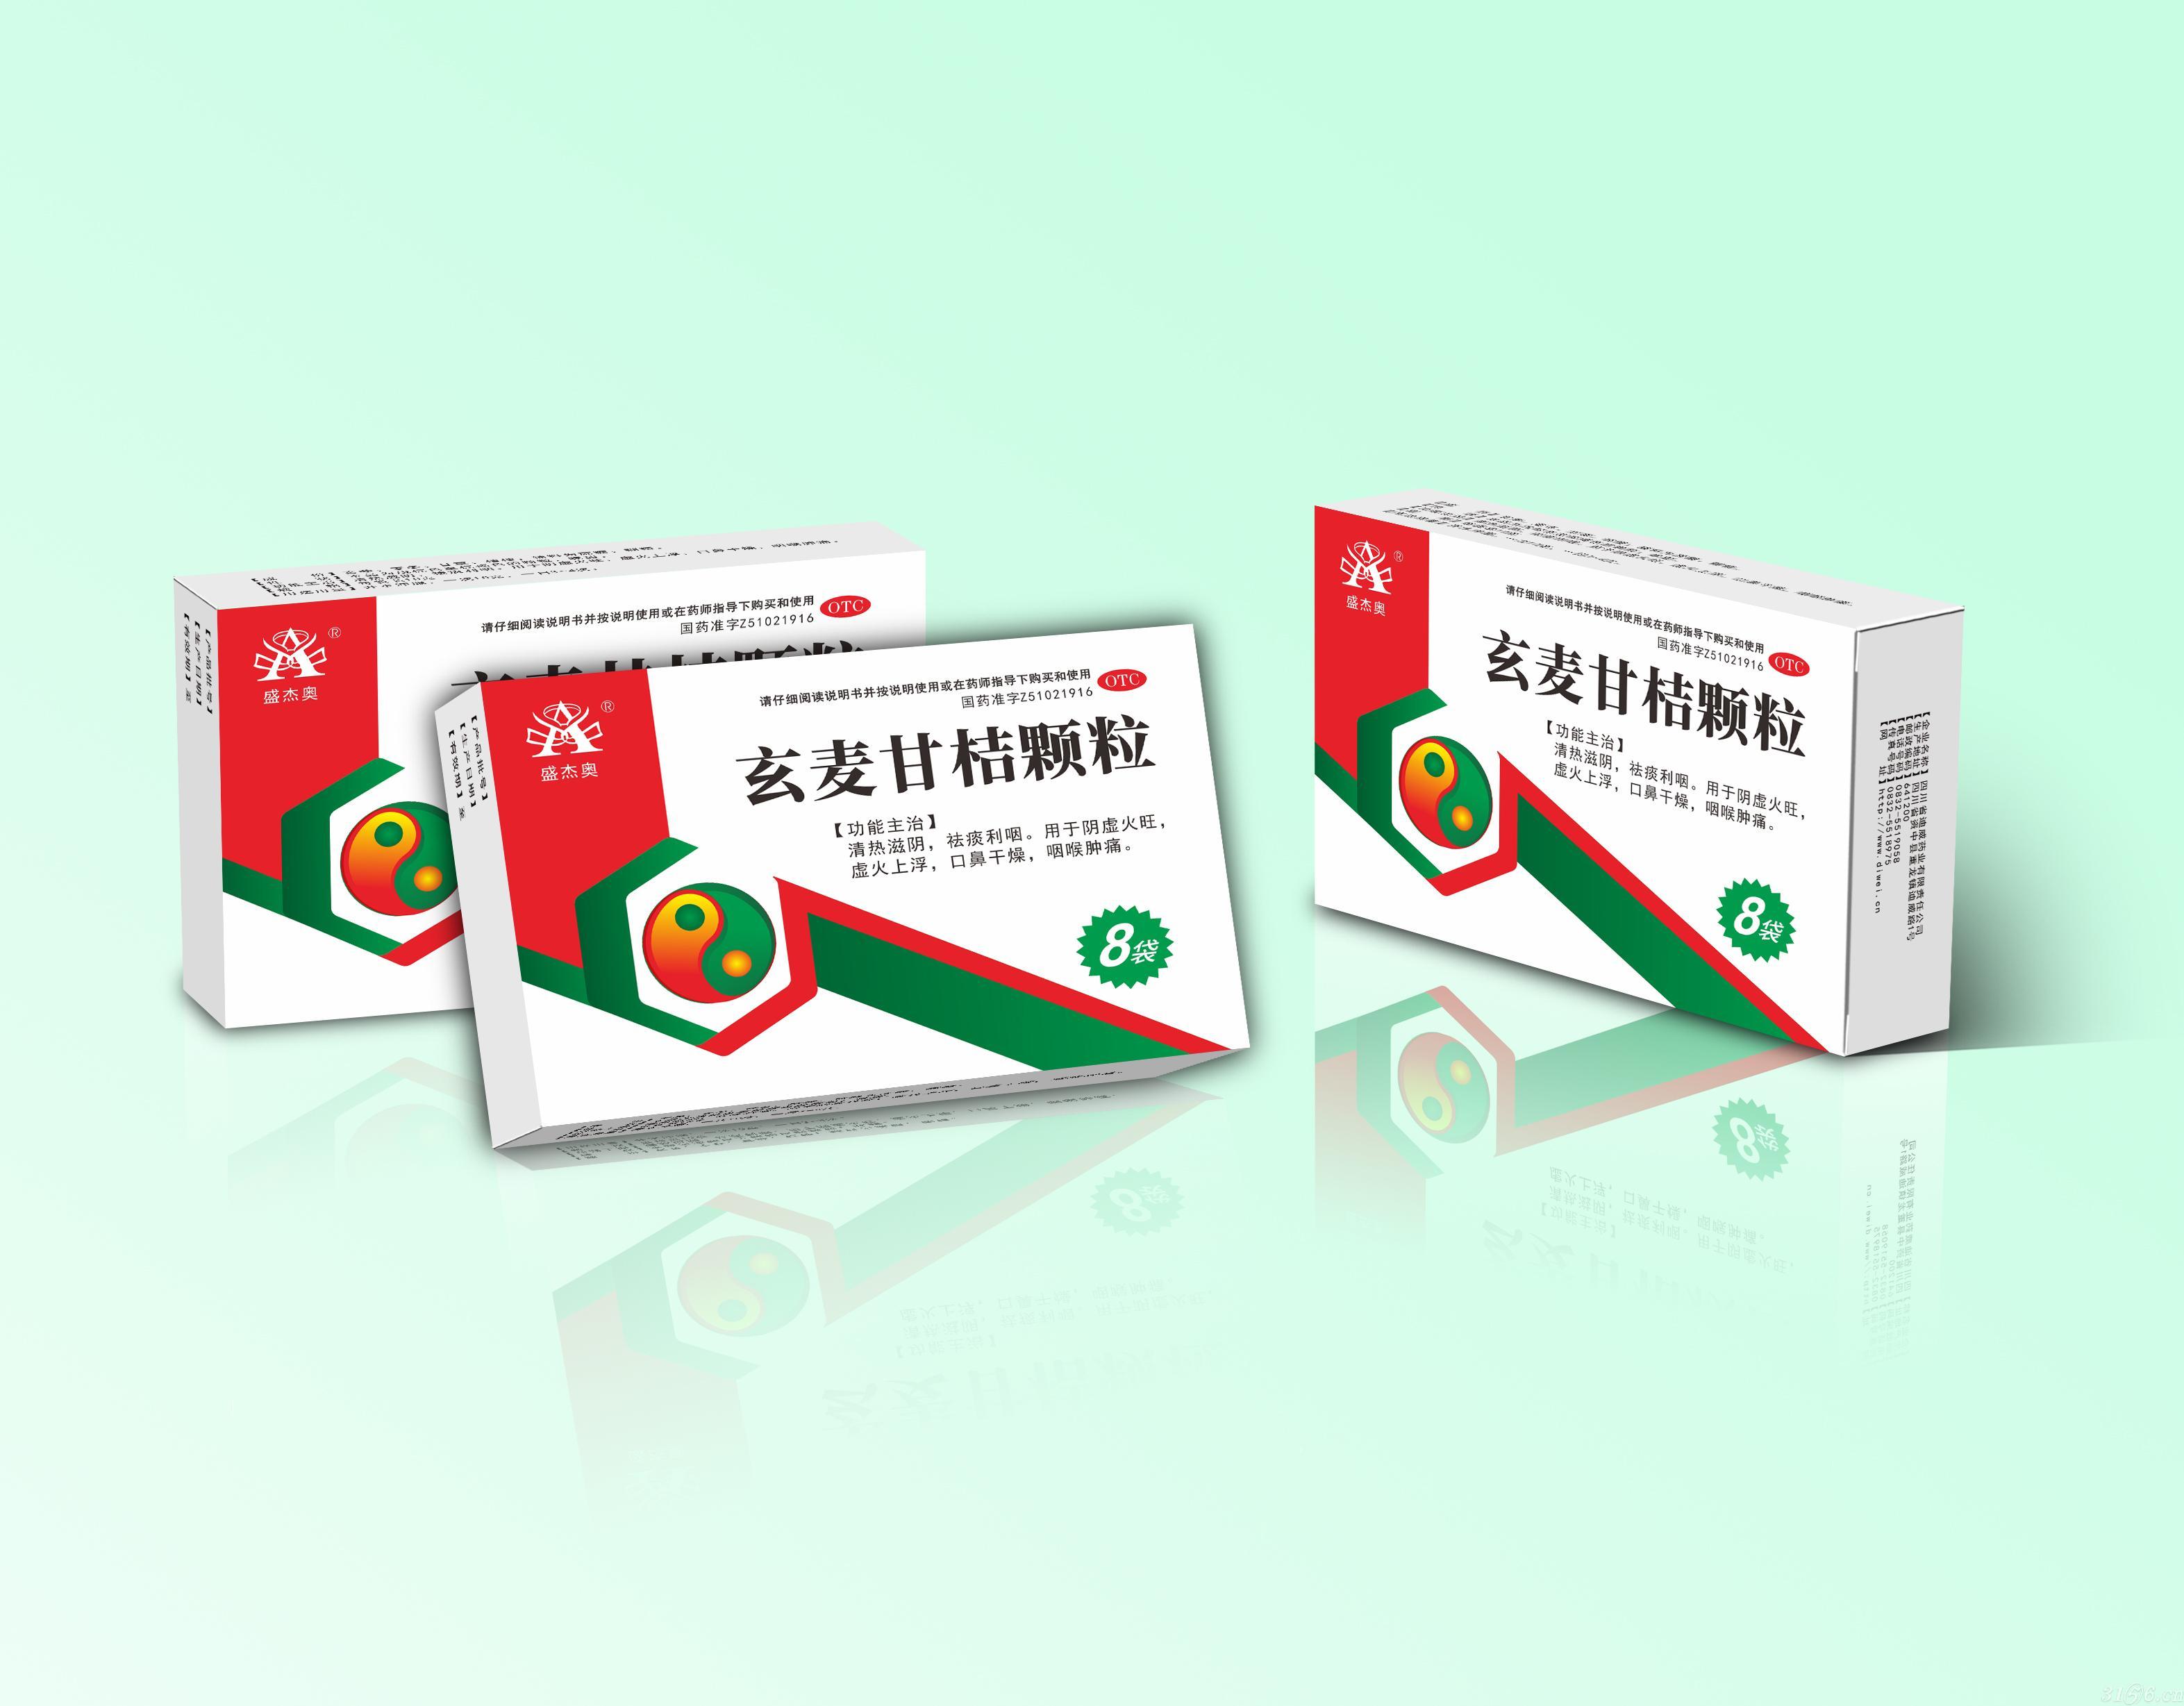 耳鼻喉科疾病用药